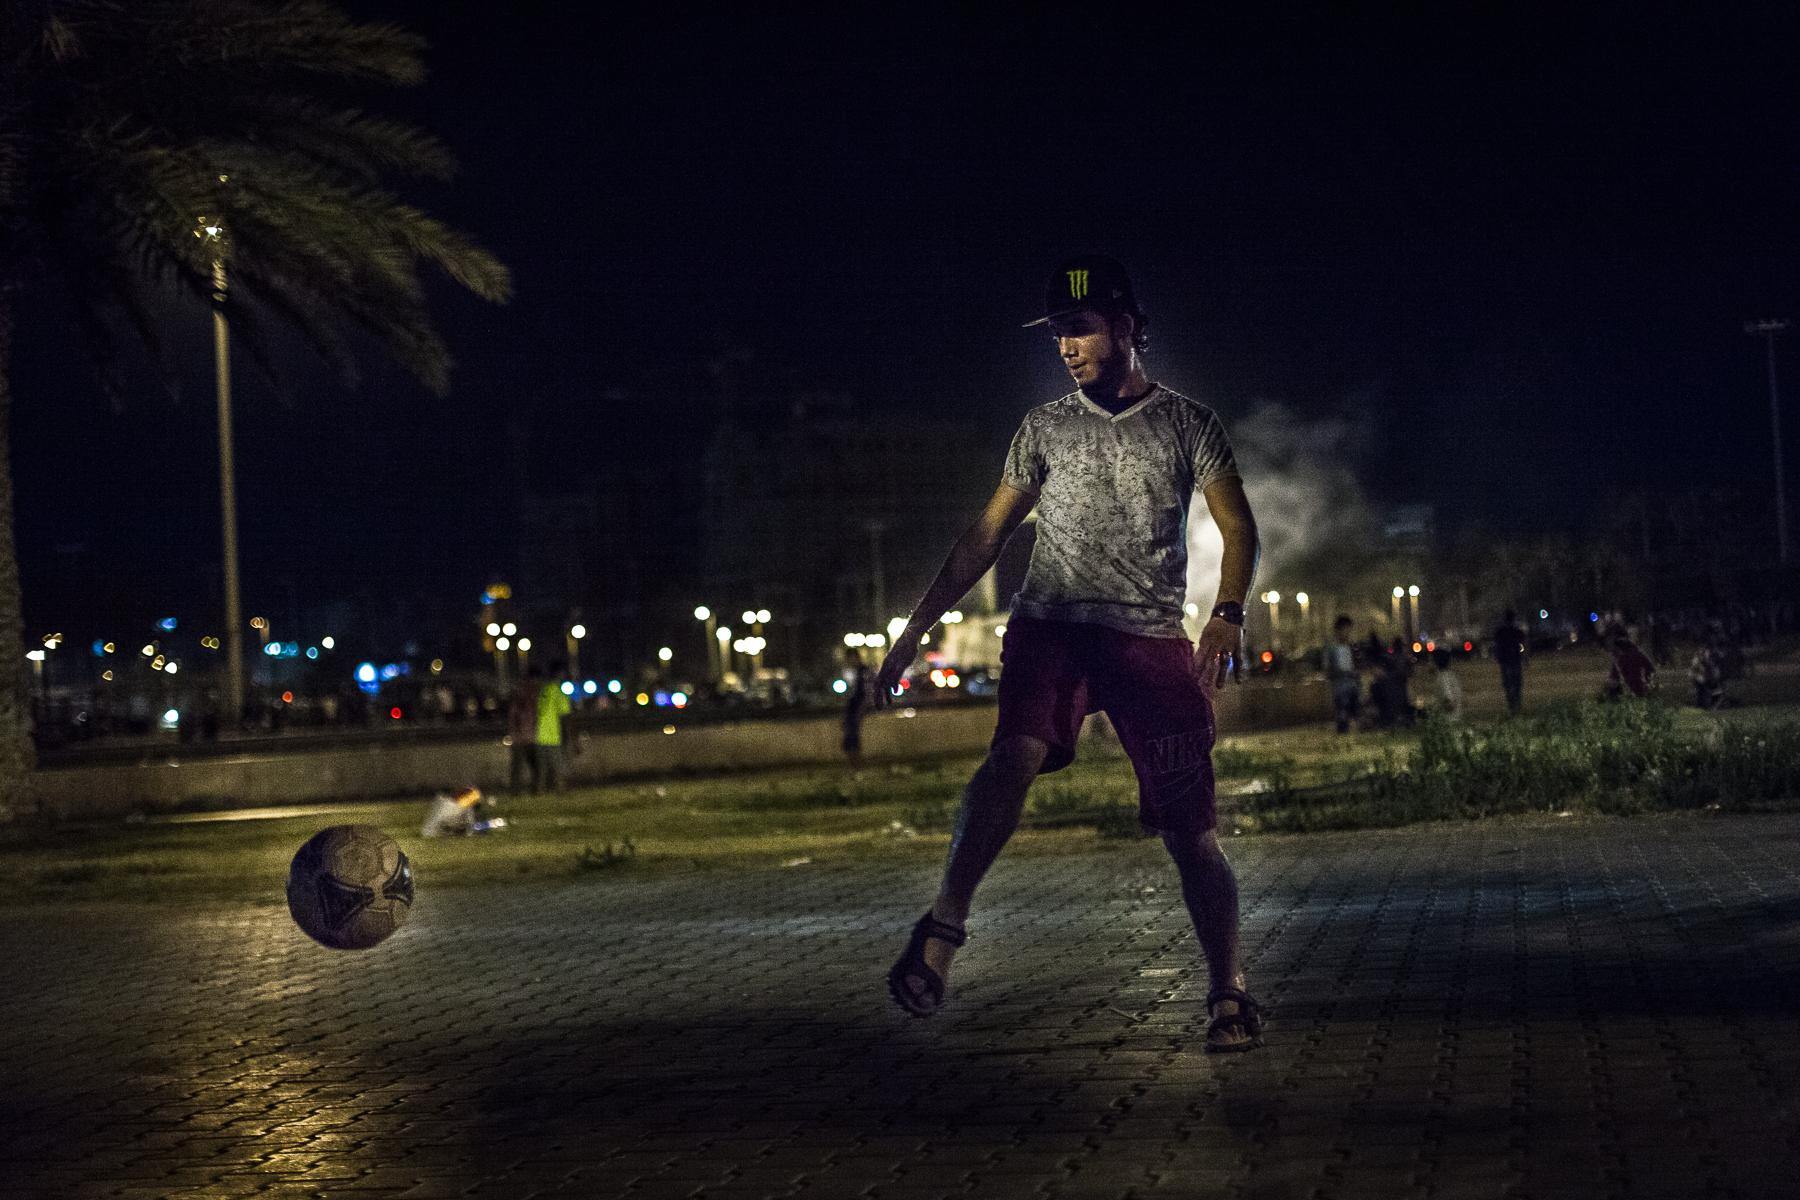 Tripoli, le 9 Juillet 2015. Peu après la rupture du jeûne du ramadan, familles et groupes de jeunes  se retrouvent place des martyrs de Tripoli dans une ambiance bon enfant.   Tripoli, July 9, 2015. Soon after breaking the fast of Ramadan, families and youth groups meet at Martyrs Square in Tripoli in a friendly atmosphere.